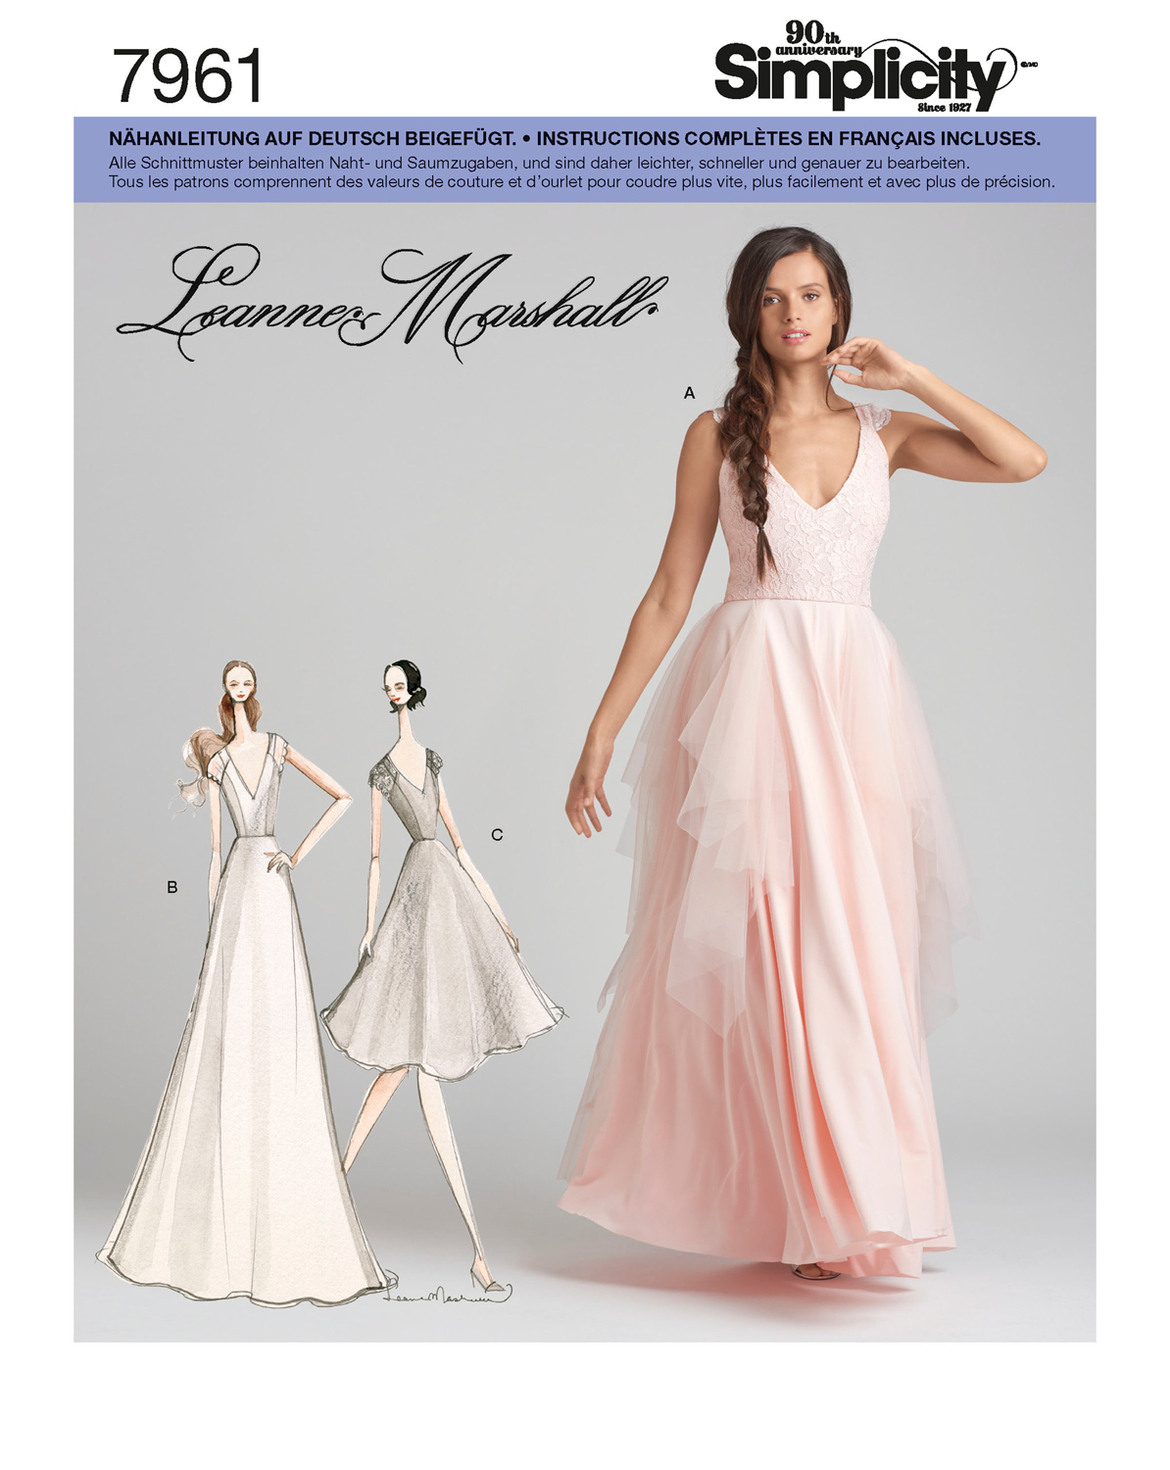 15 Genial Festliche Kleider Online Shop SpezialgebietFormal Schön Festliche Kleider Online Shop Boutique